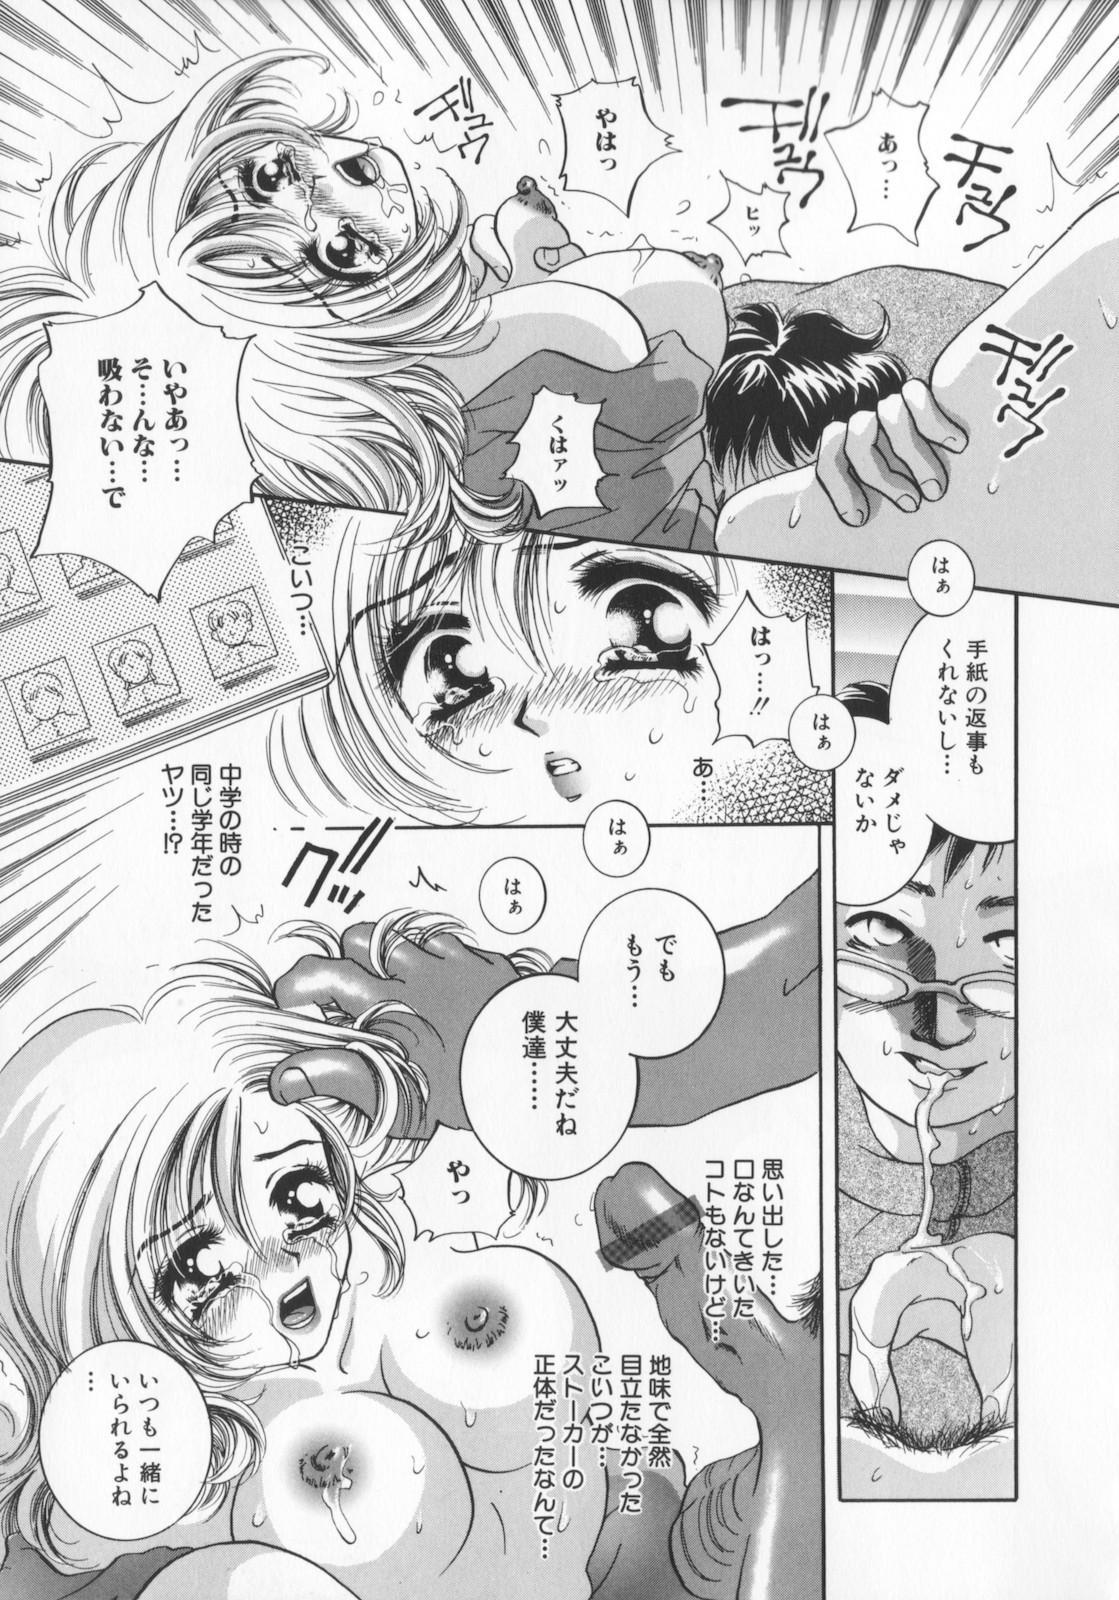 Kichiku dorei 56